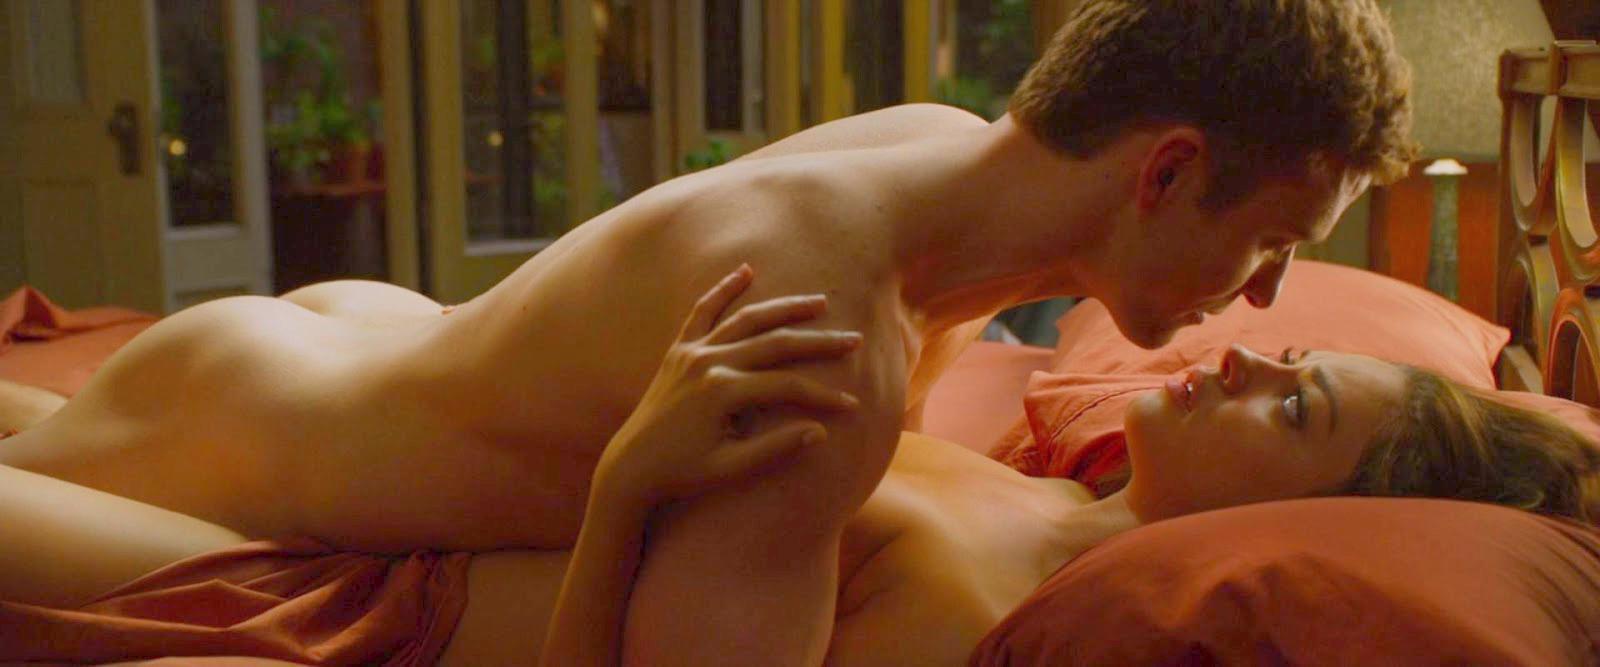 Парниям фильмы секс дувушки